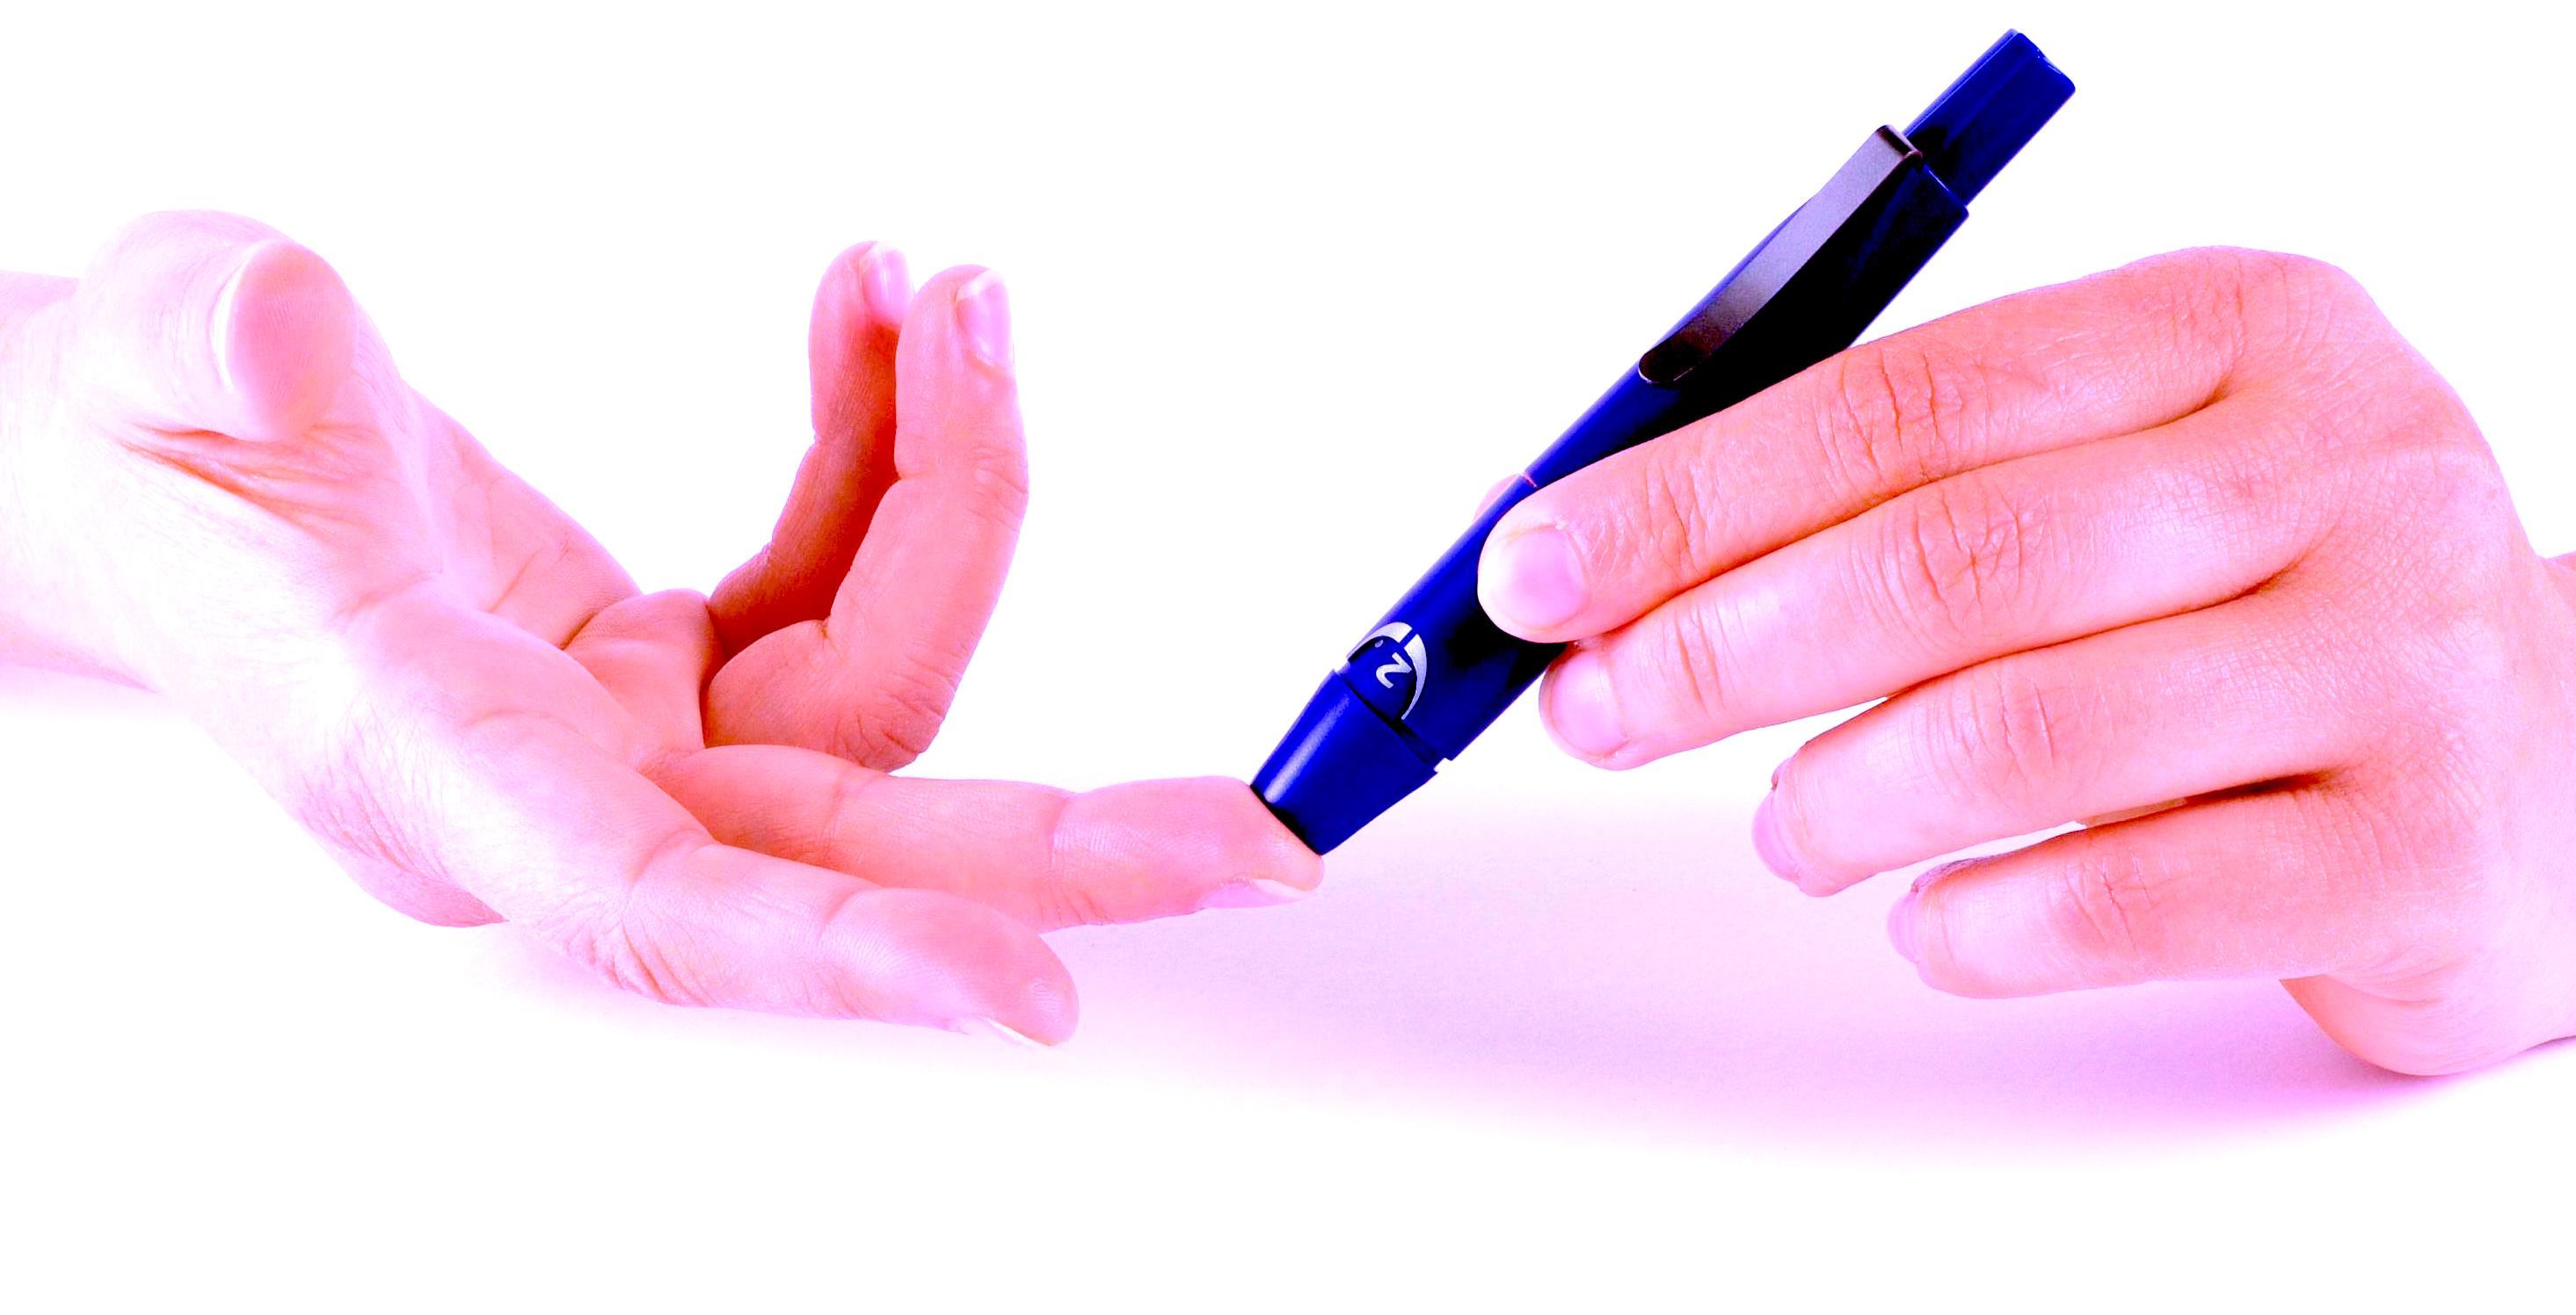 Diabete: quanto sei a rischio? [TEST]